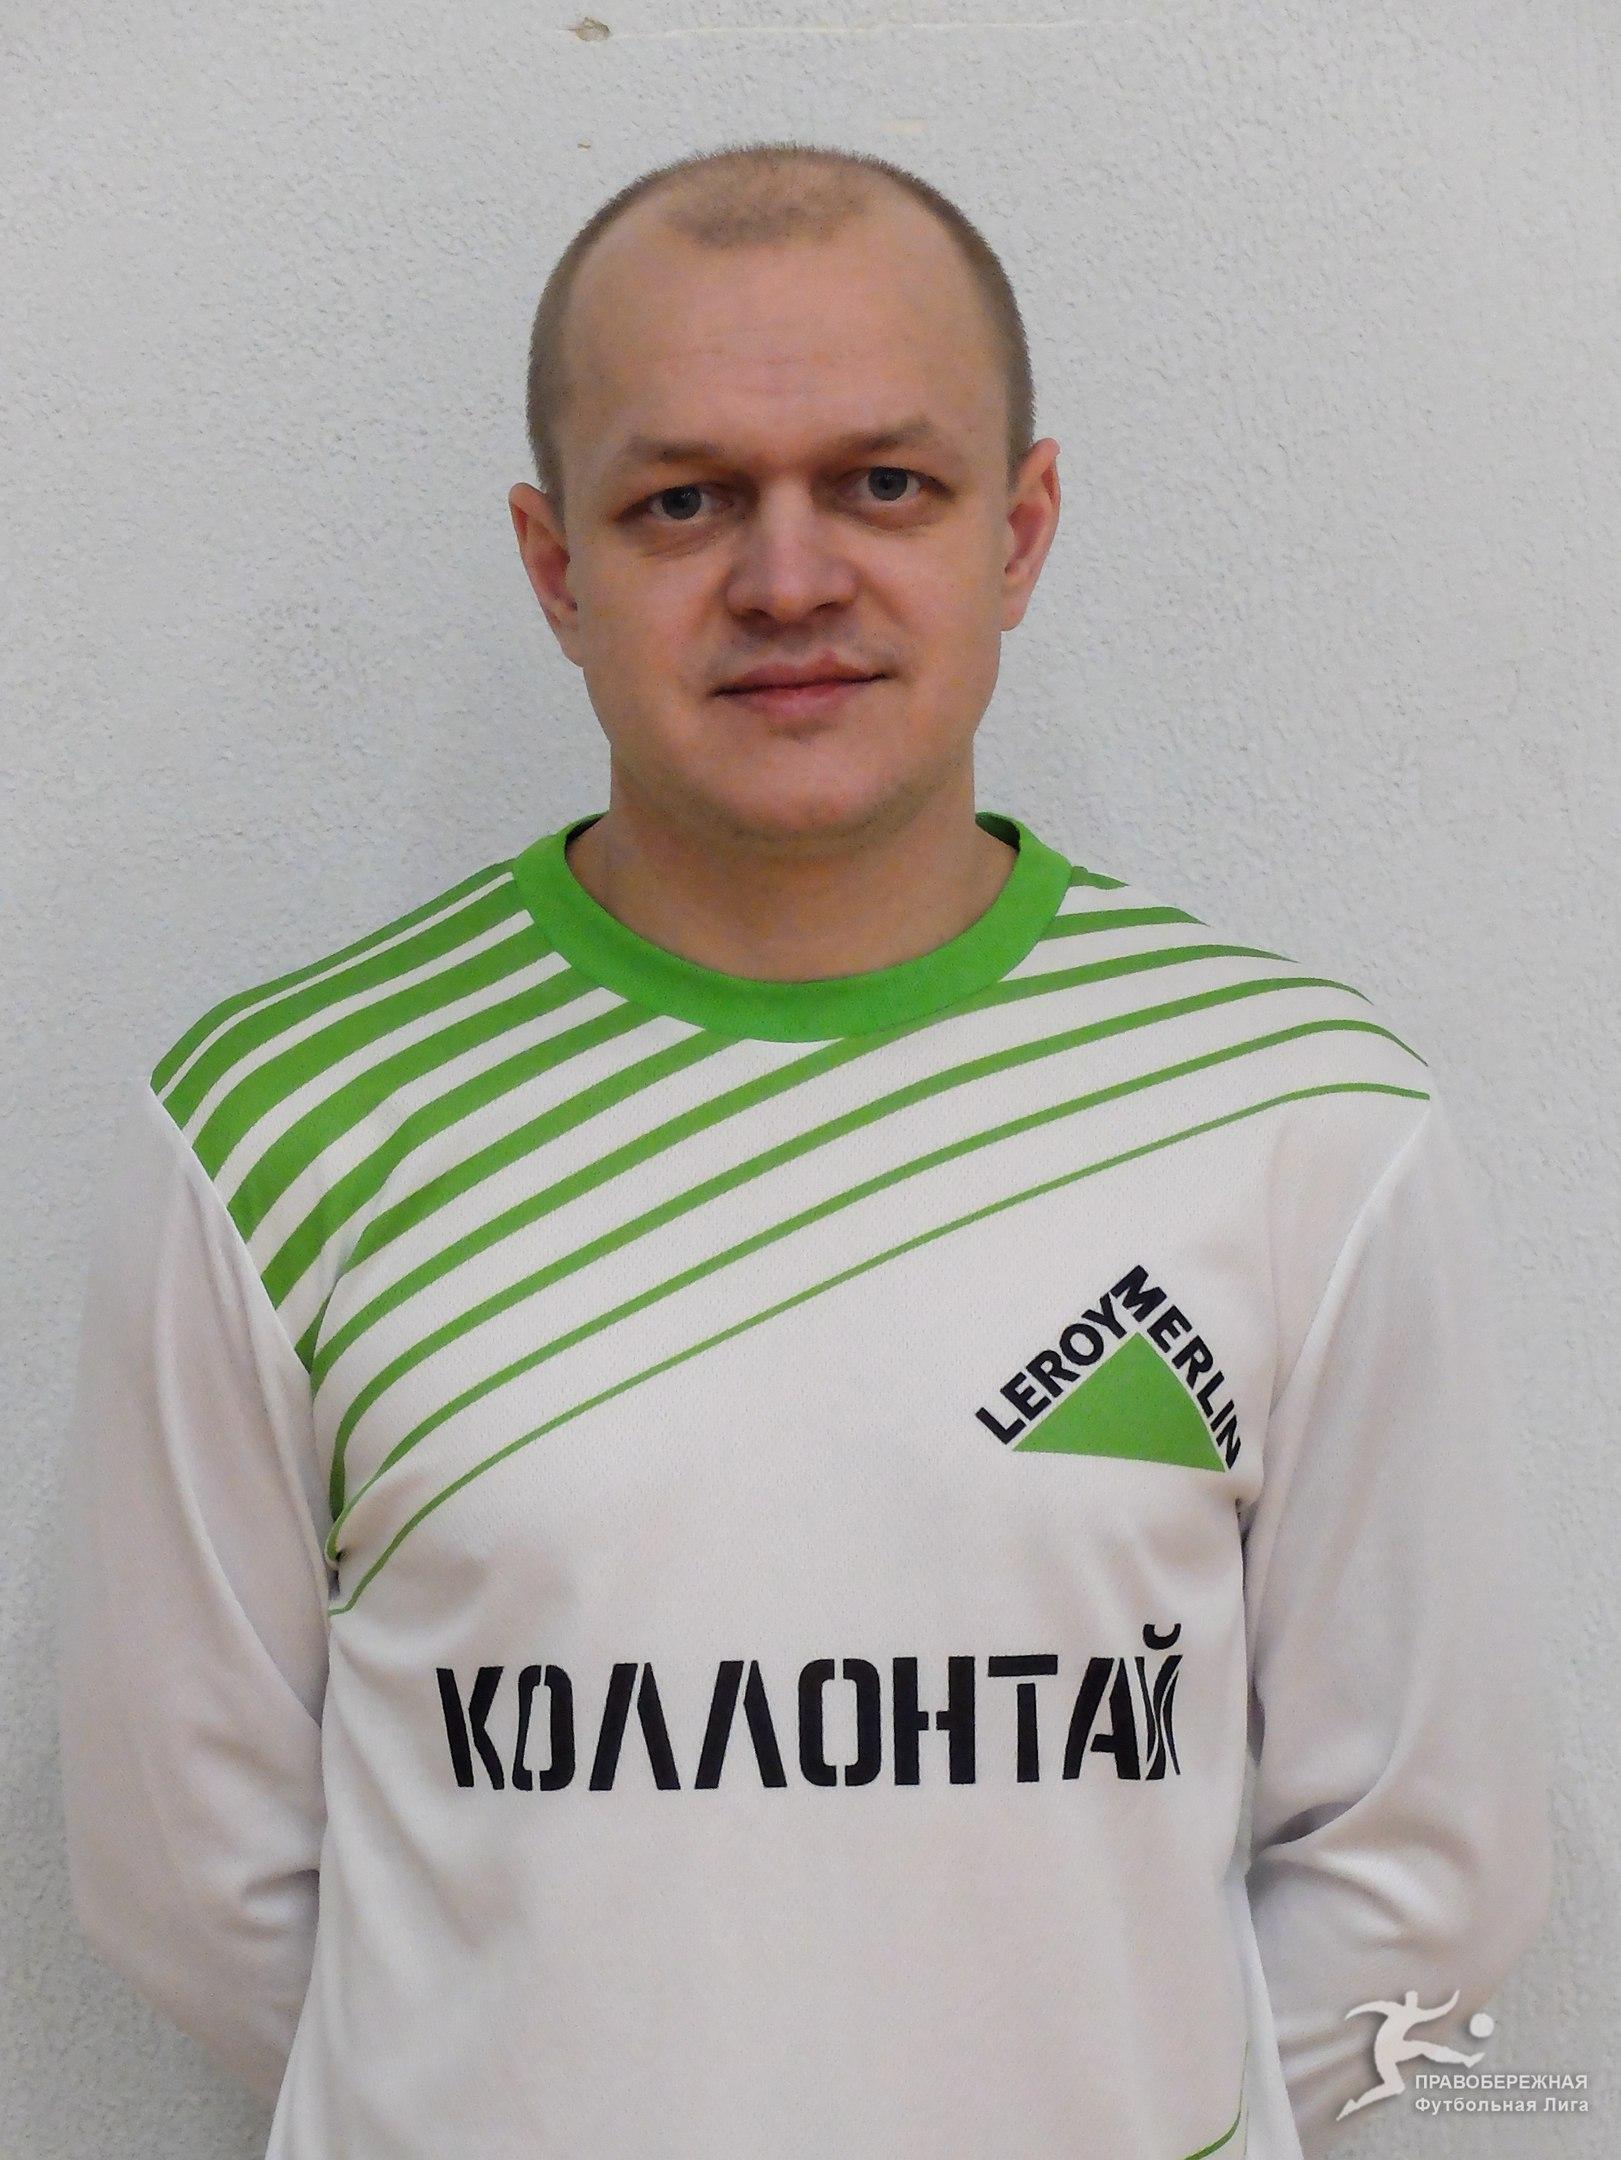 Коротков Андрей